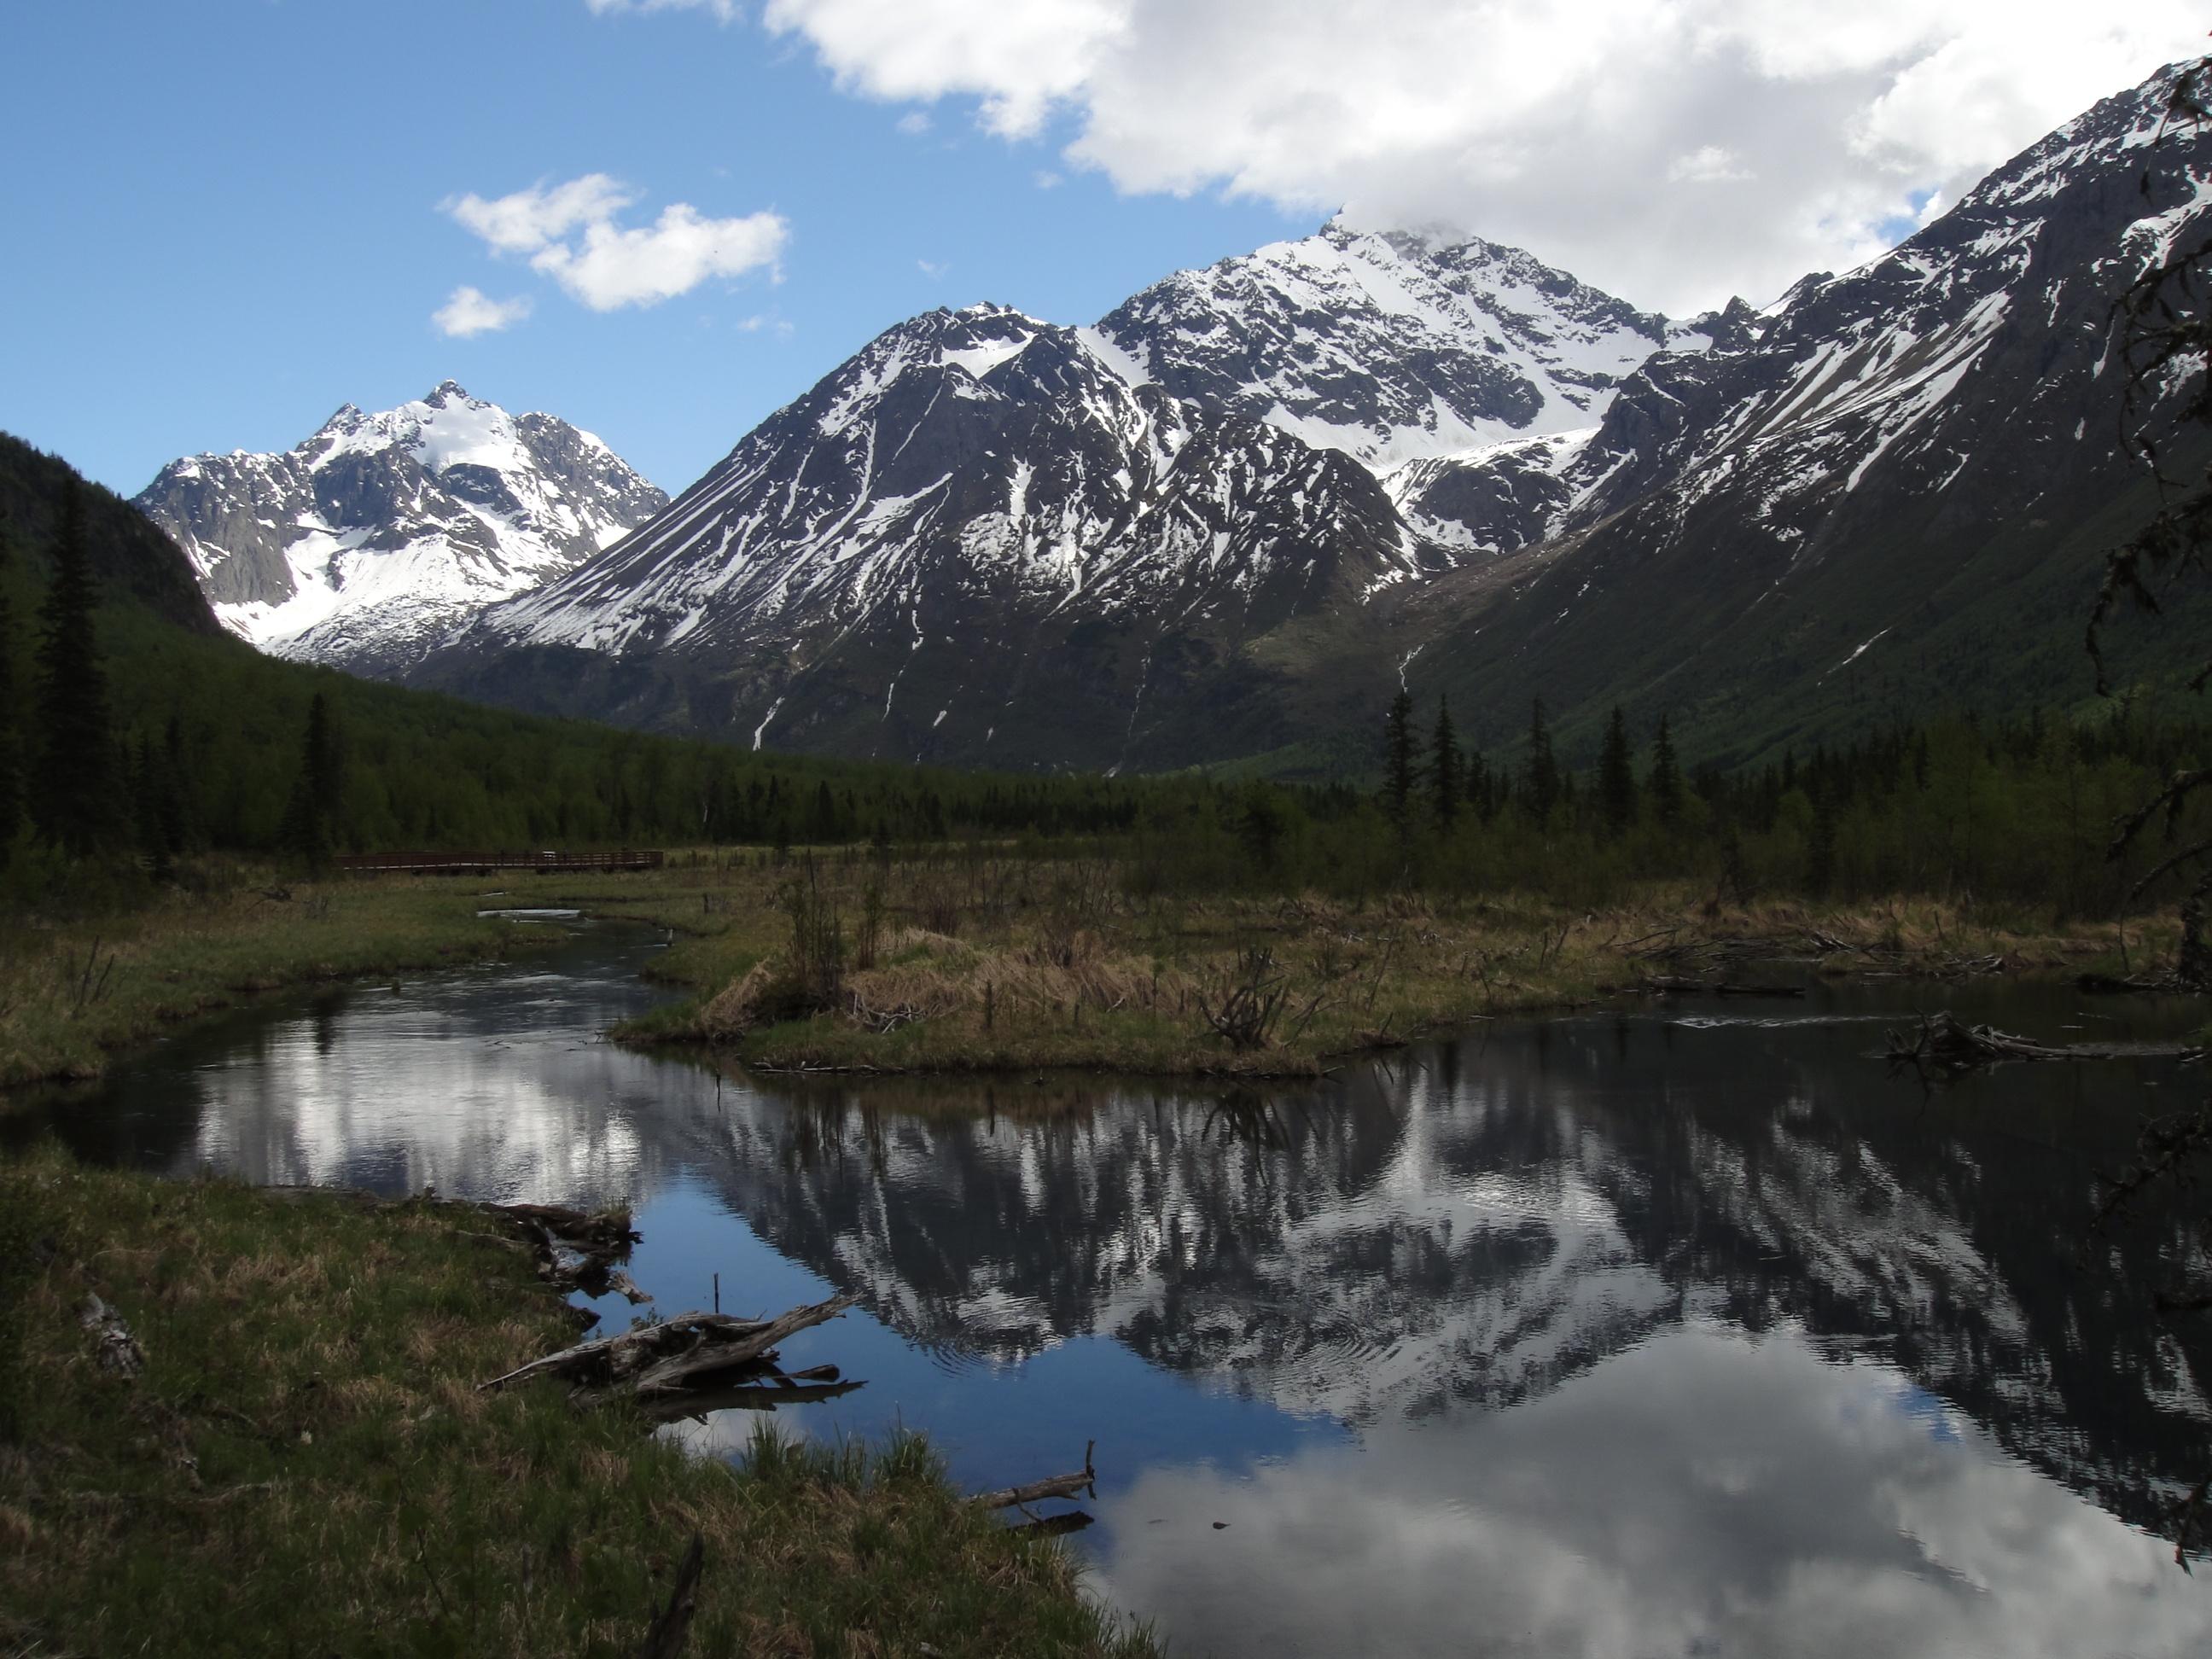 Hiking_the_Eagle_River_9270258338.jpg